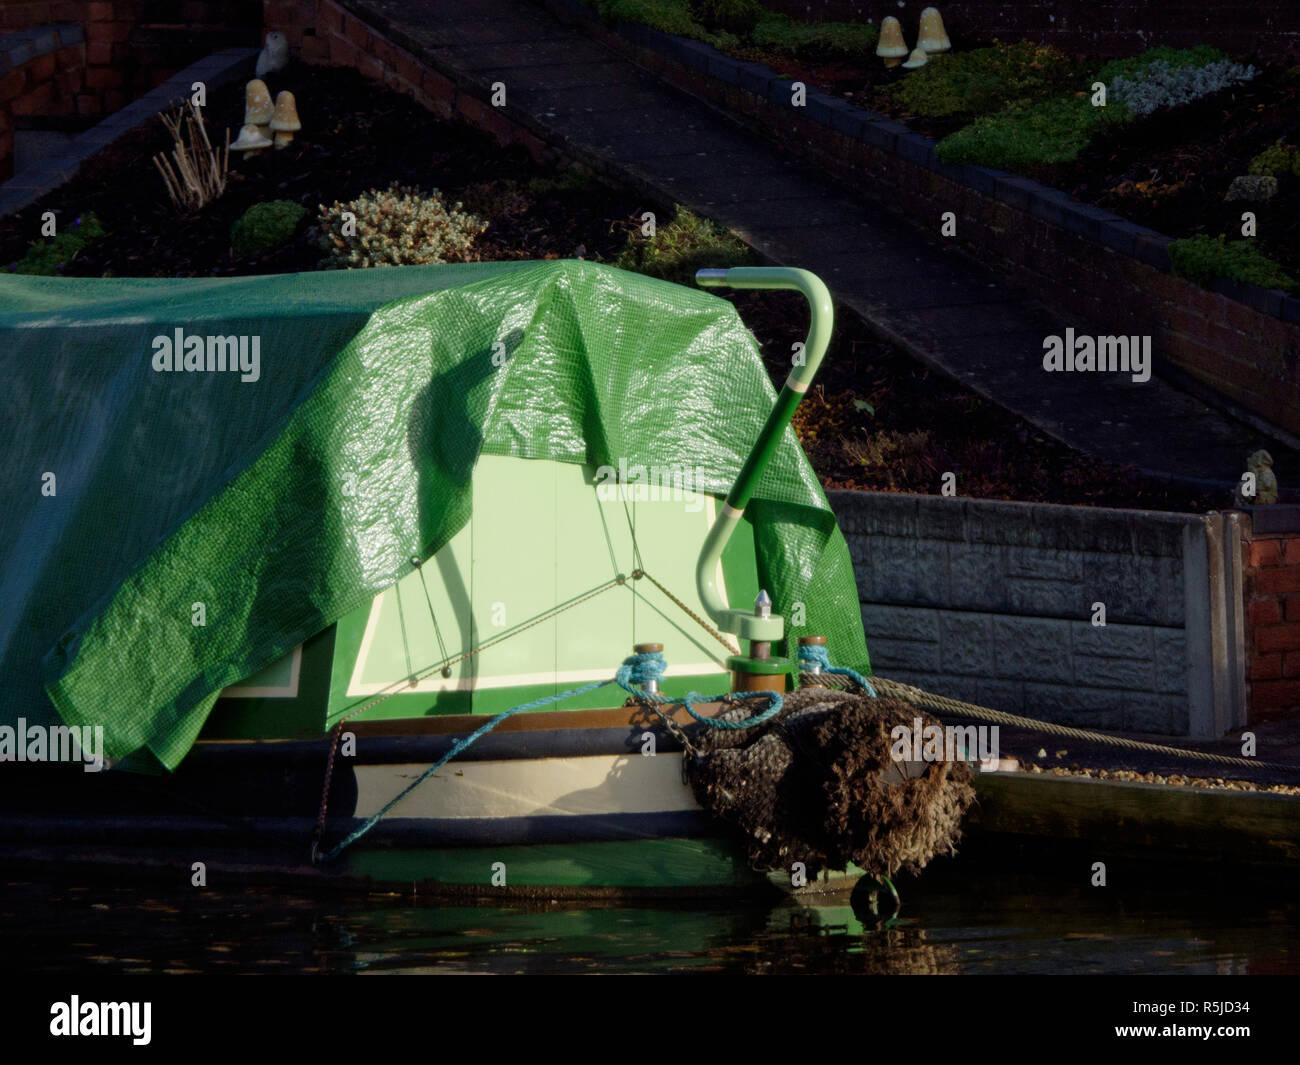 Green Tarpaulin Sheeting Covering a Narrowboat, UK - Stock Image